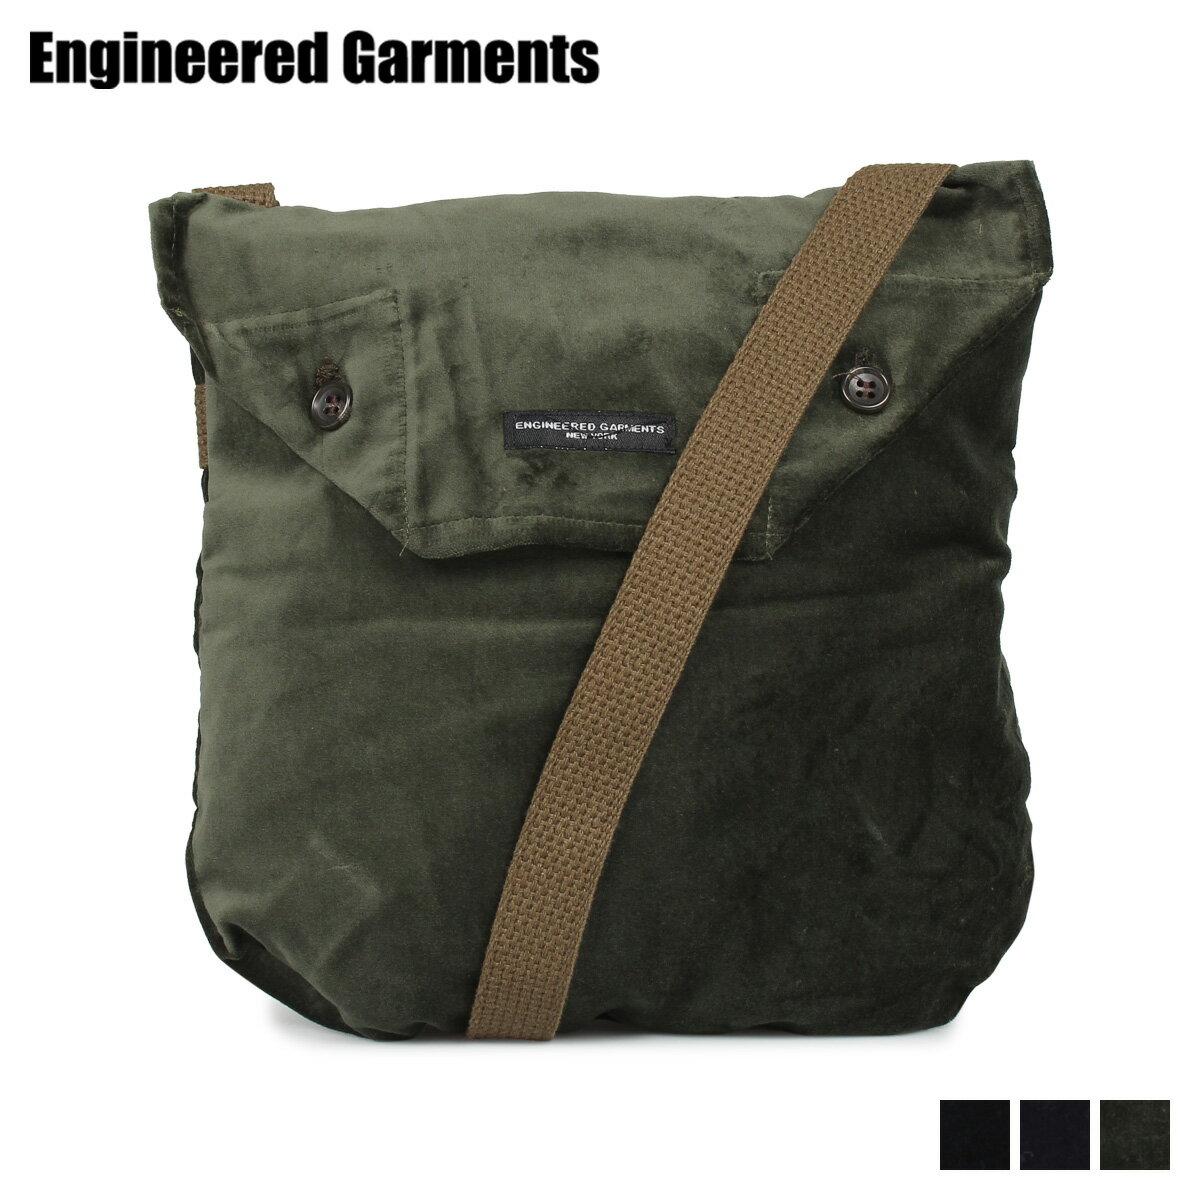 男女兼用バッグ, ショルダーバッグ・メッセンジャーバッグ ENGINEERED GARMENTS SHOULDER POUCH 19FH014